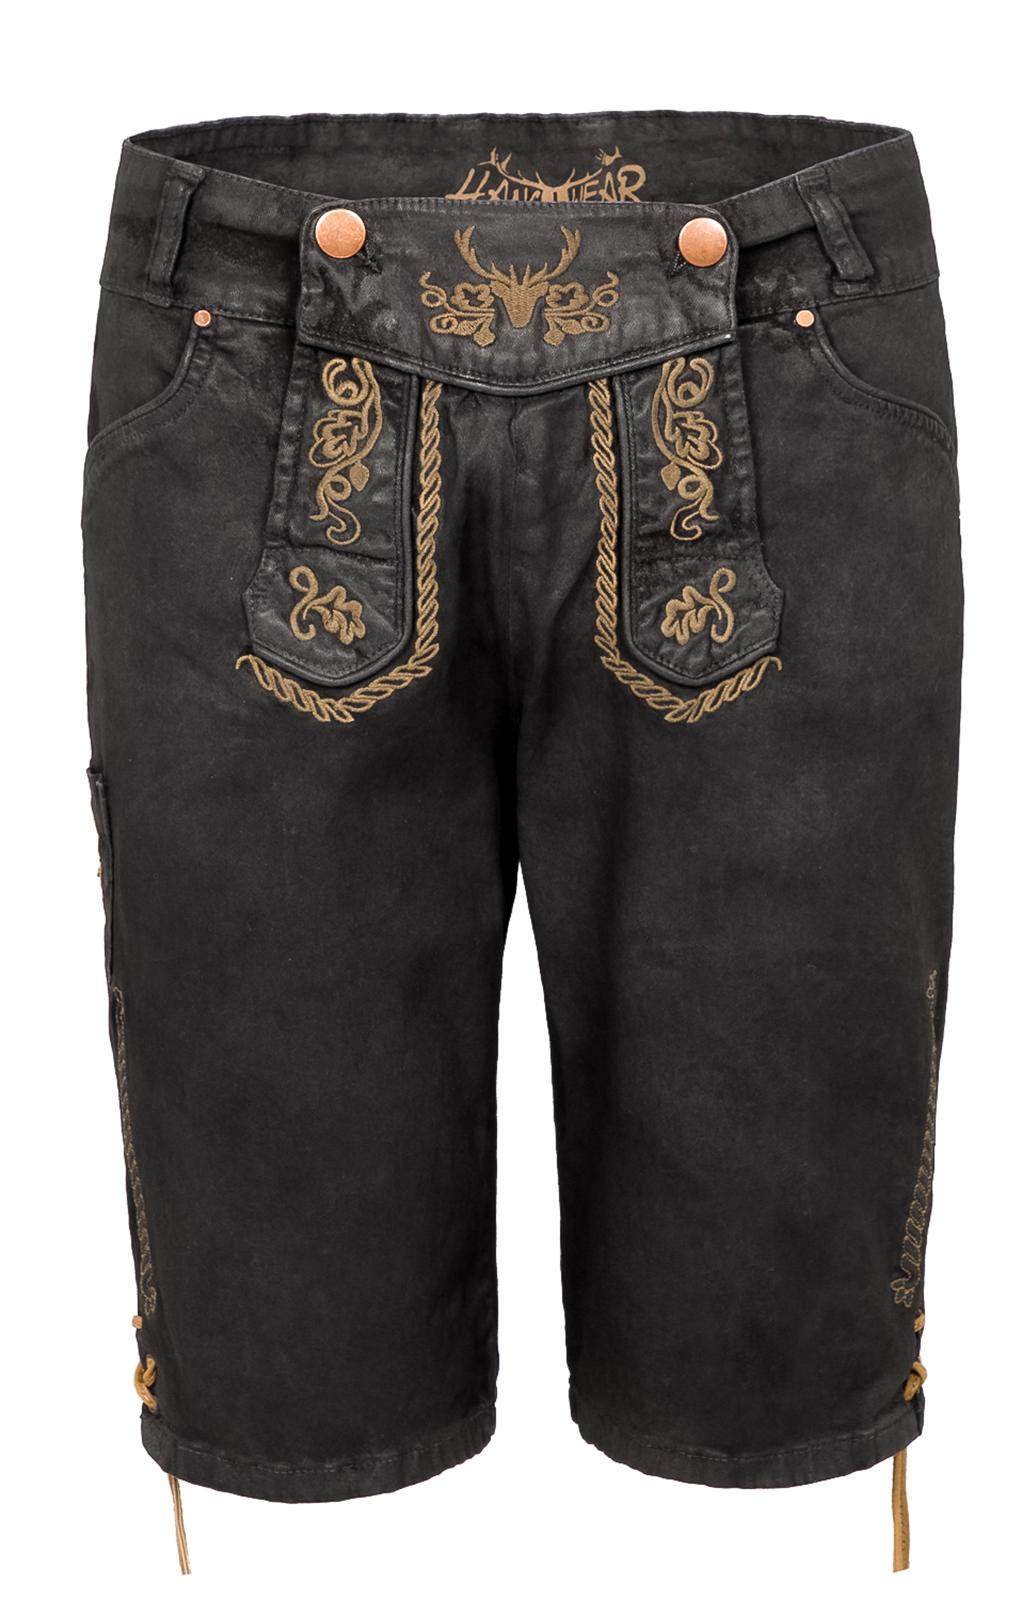 weitere Bilder von Breve costume jeansshort HE zwart